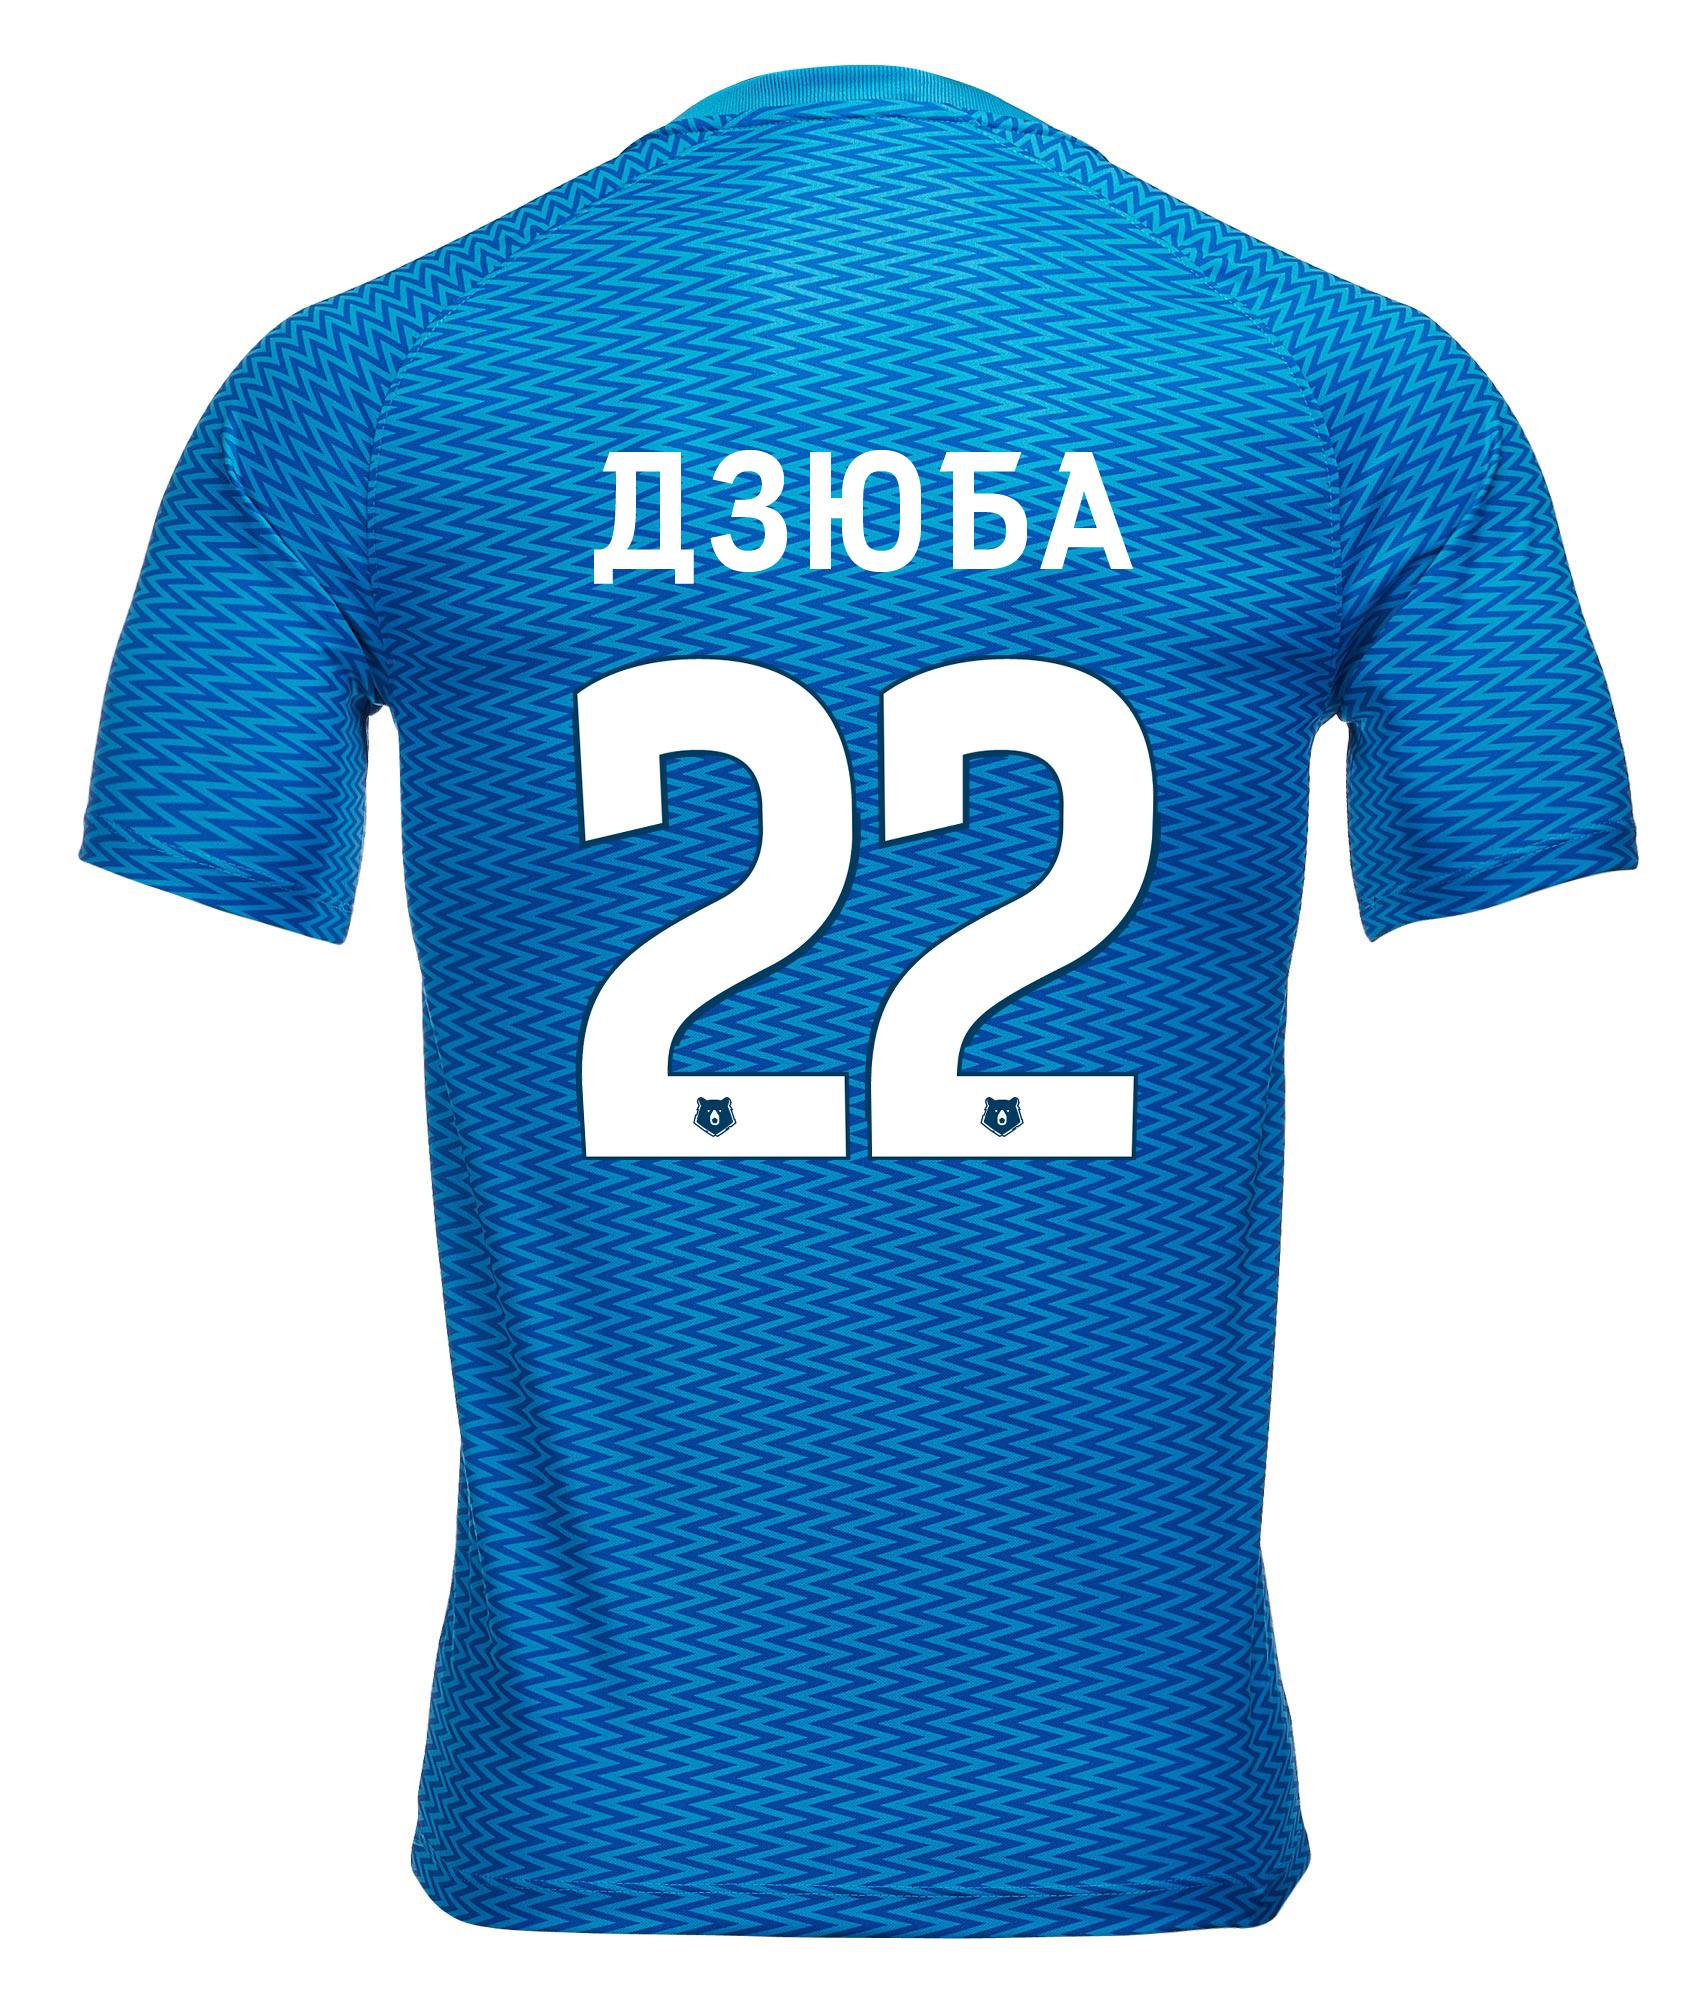 Реплика домашней игровой футболки Nike Дзюба 22 2018/19 Nike оригинальная домашняя футболка nike дзюба 22 2018 19 nike